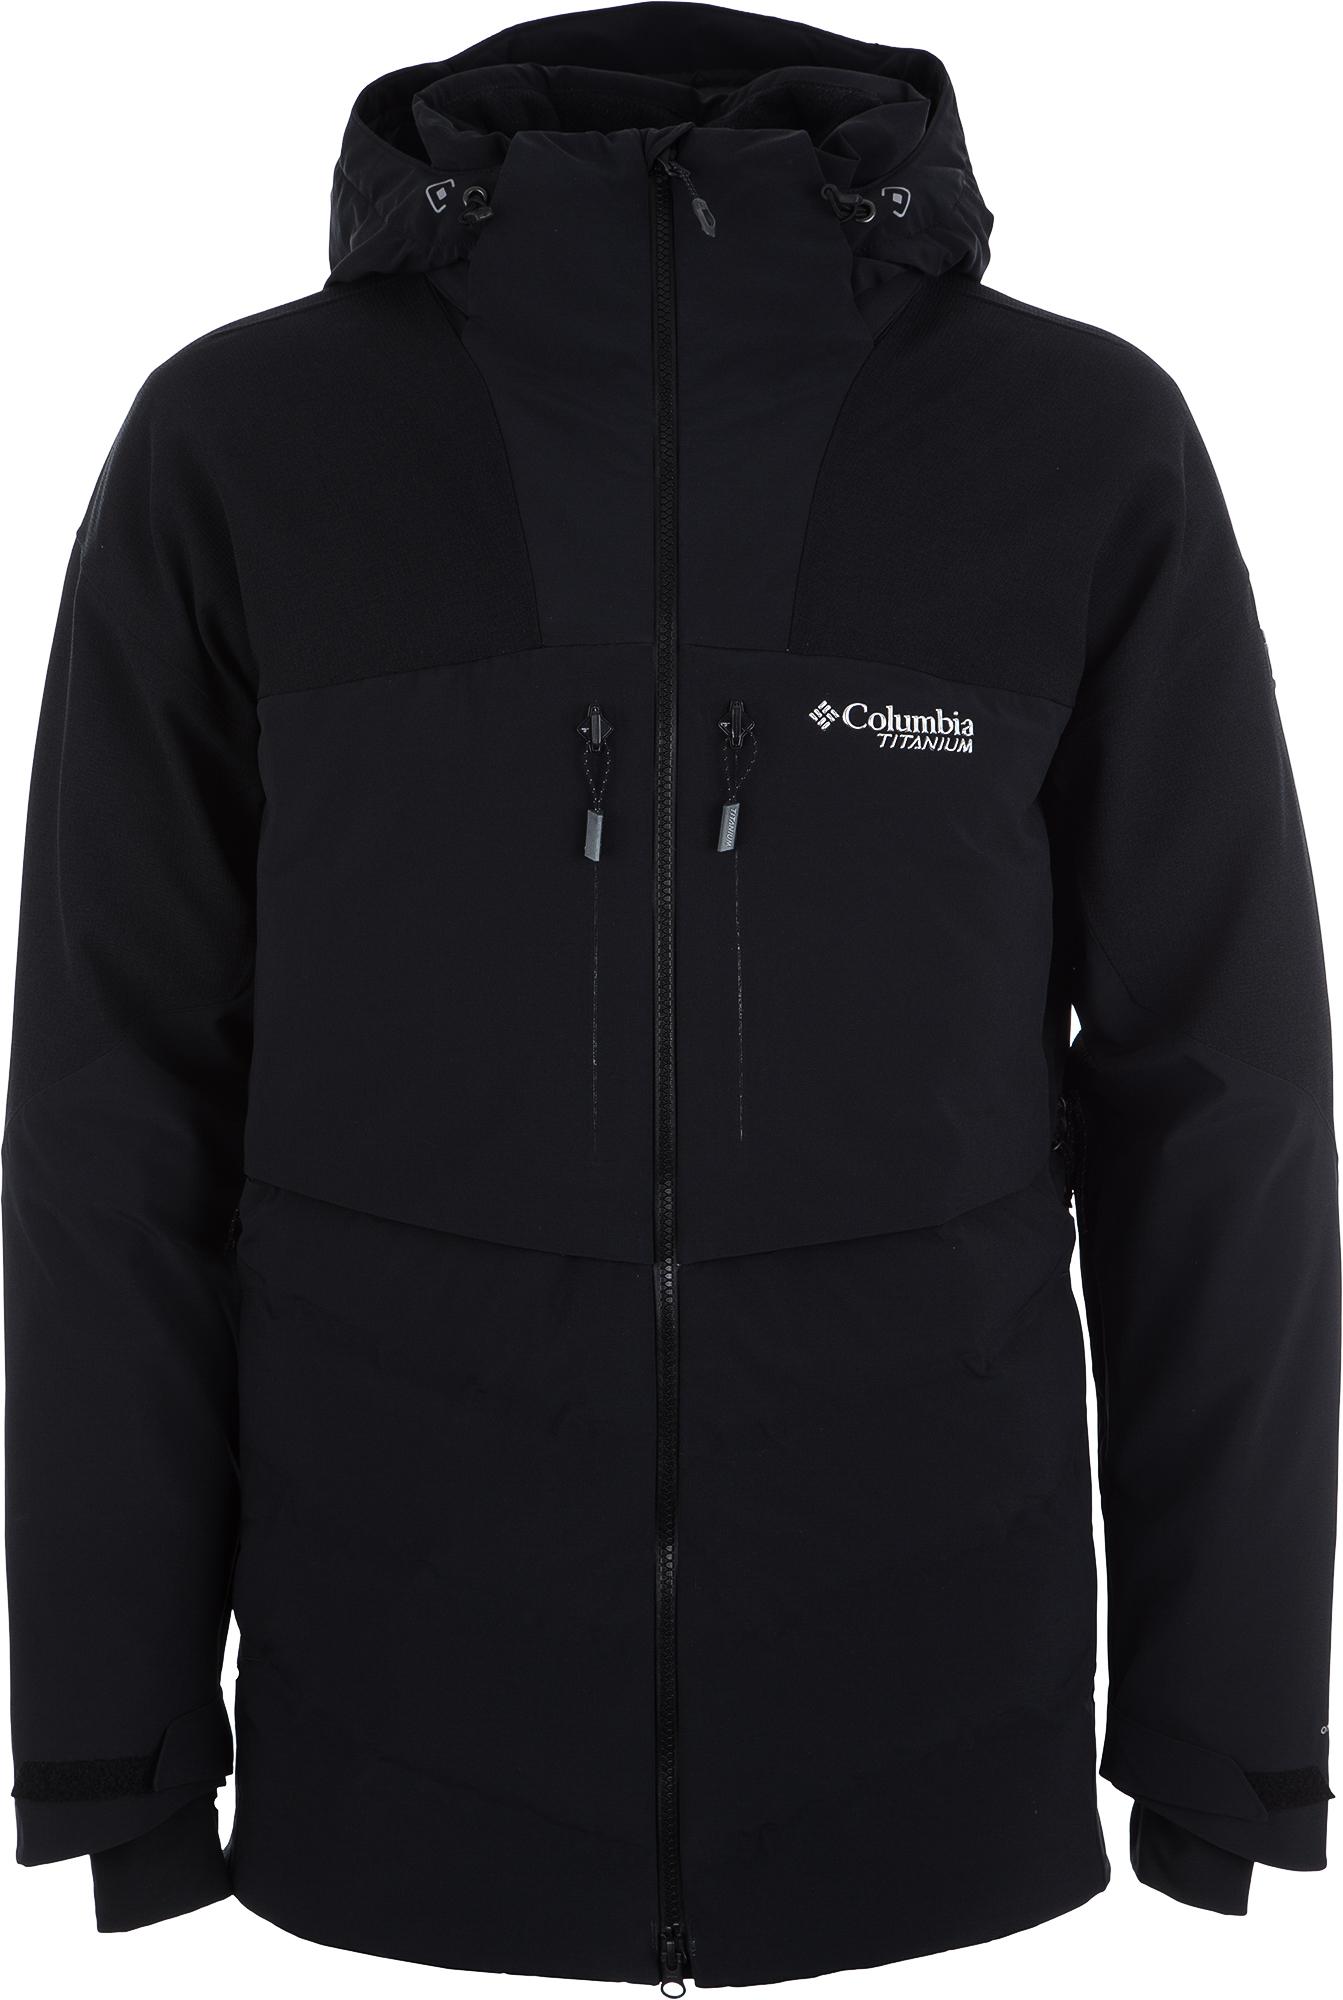 Columbia Куртка пуховая мужская Powder Keg II, размер 46